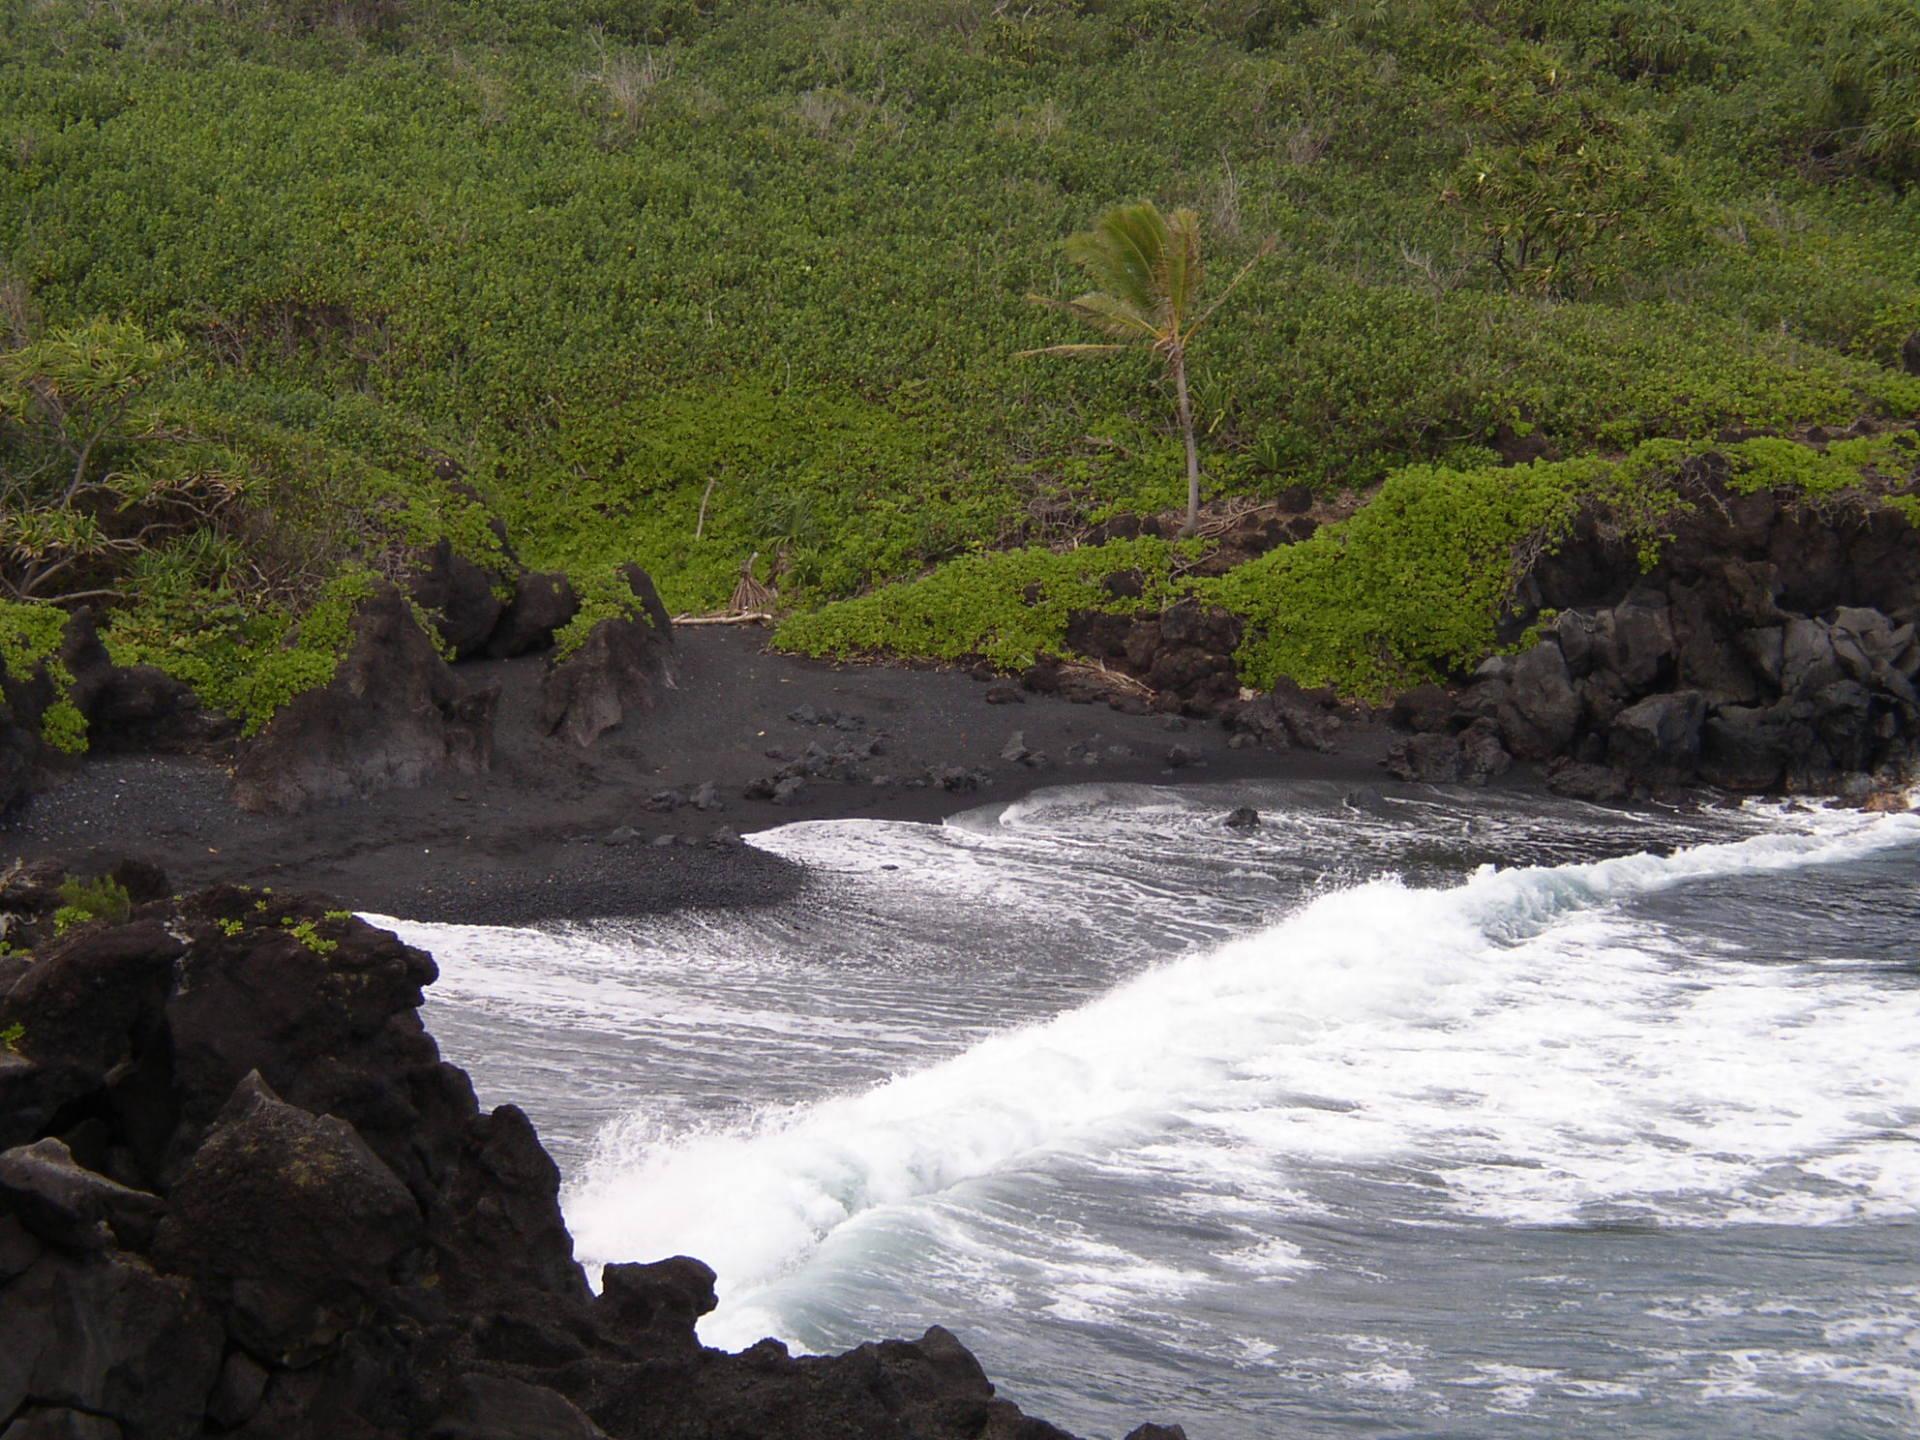 Ho'omana, Ho'oponopono, Black Sand Beach, Hana, Maui, Hawaii, Diving Love, Forgiveness